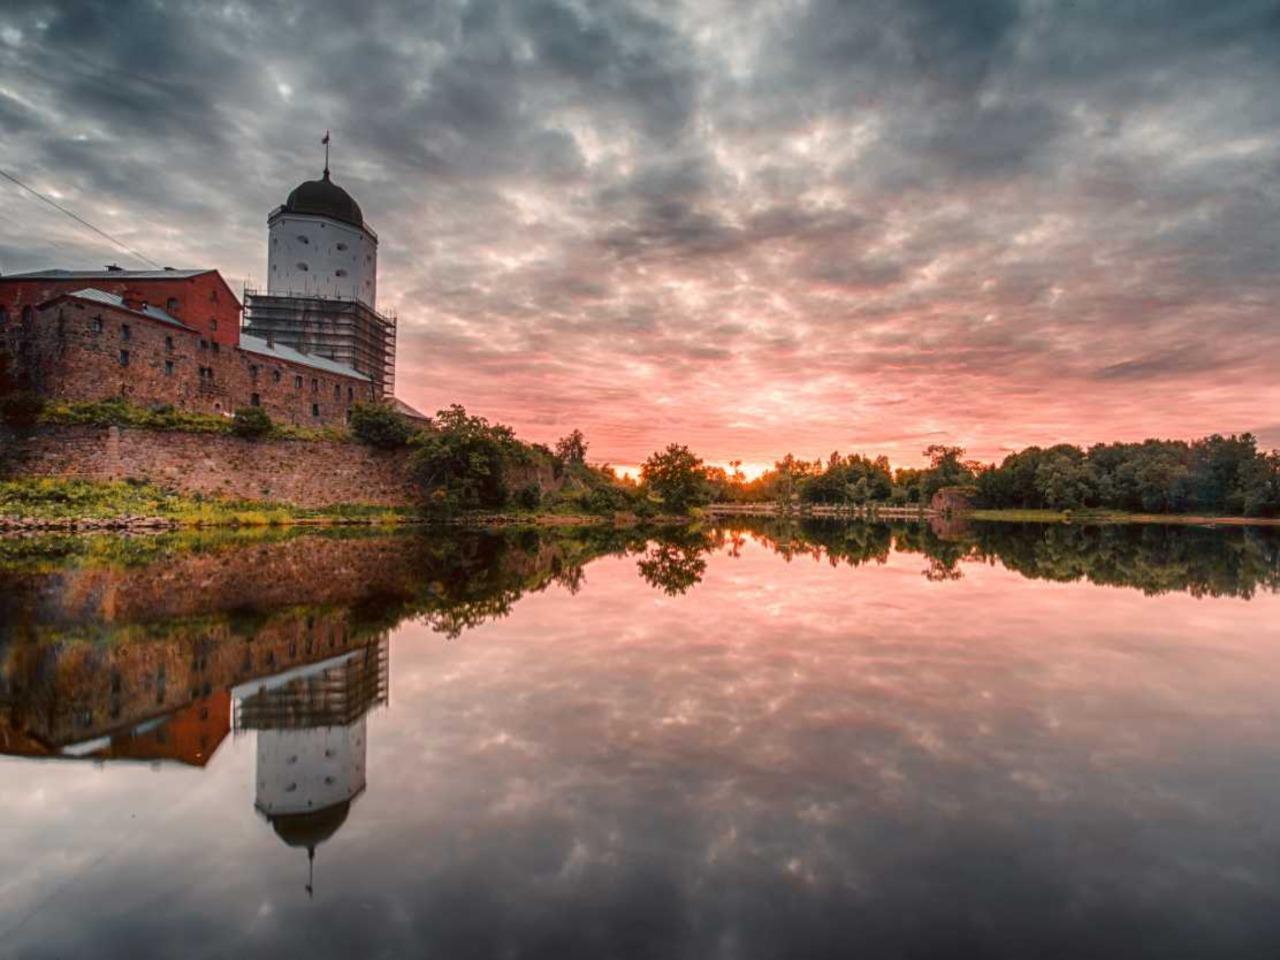 Средневековый Выборг: замок, ратуша и чудный парк - групповая экскурсия по Санкт-Петербургу от опытного гида